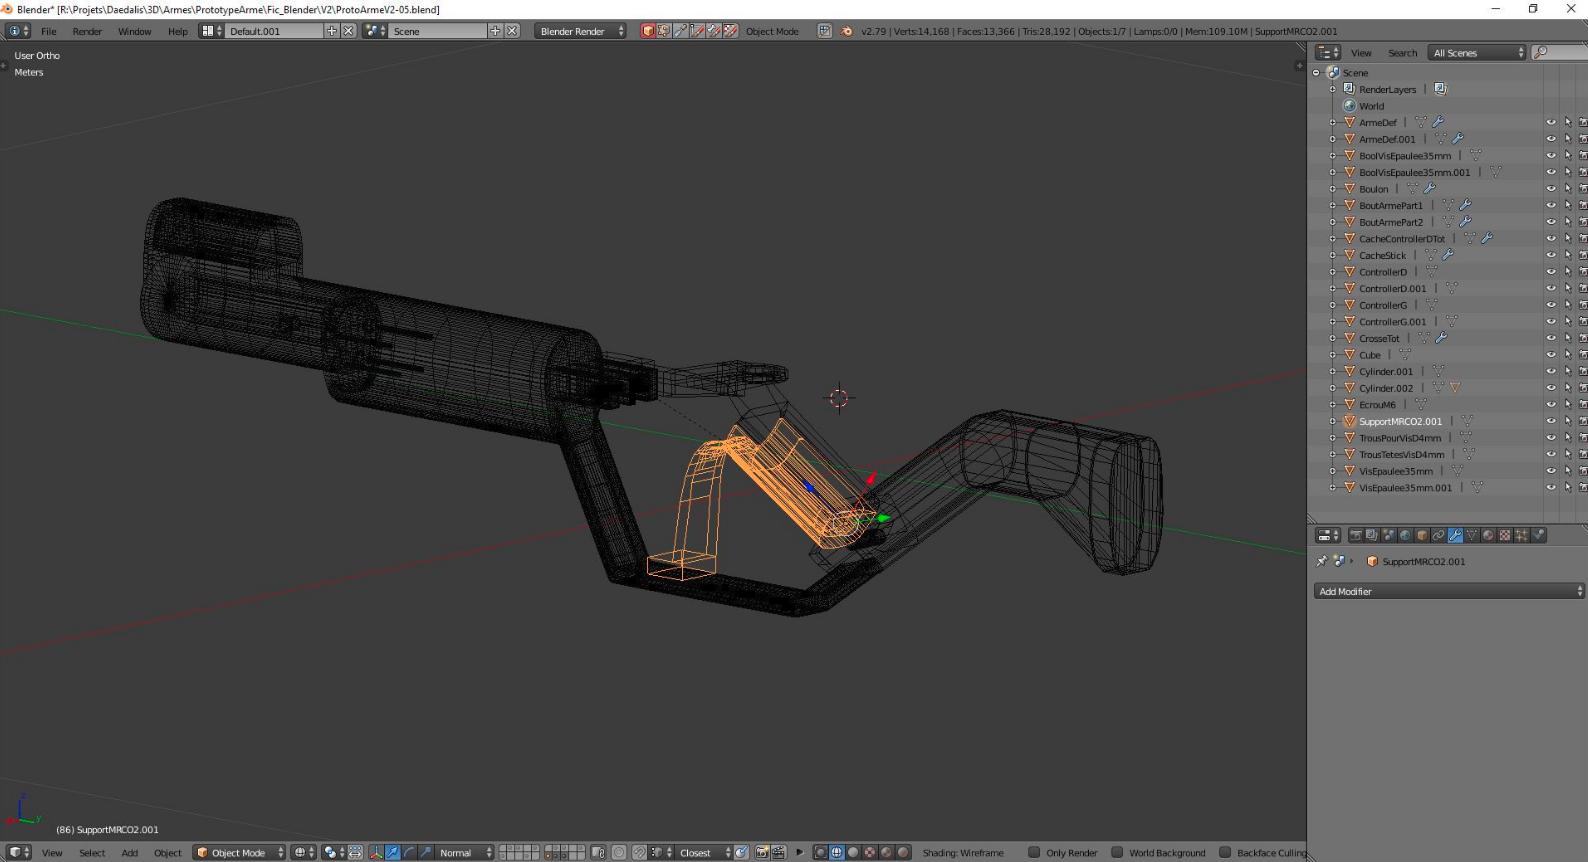 Modélisation de l'arme en 3D